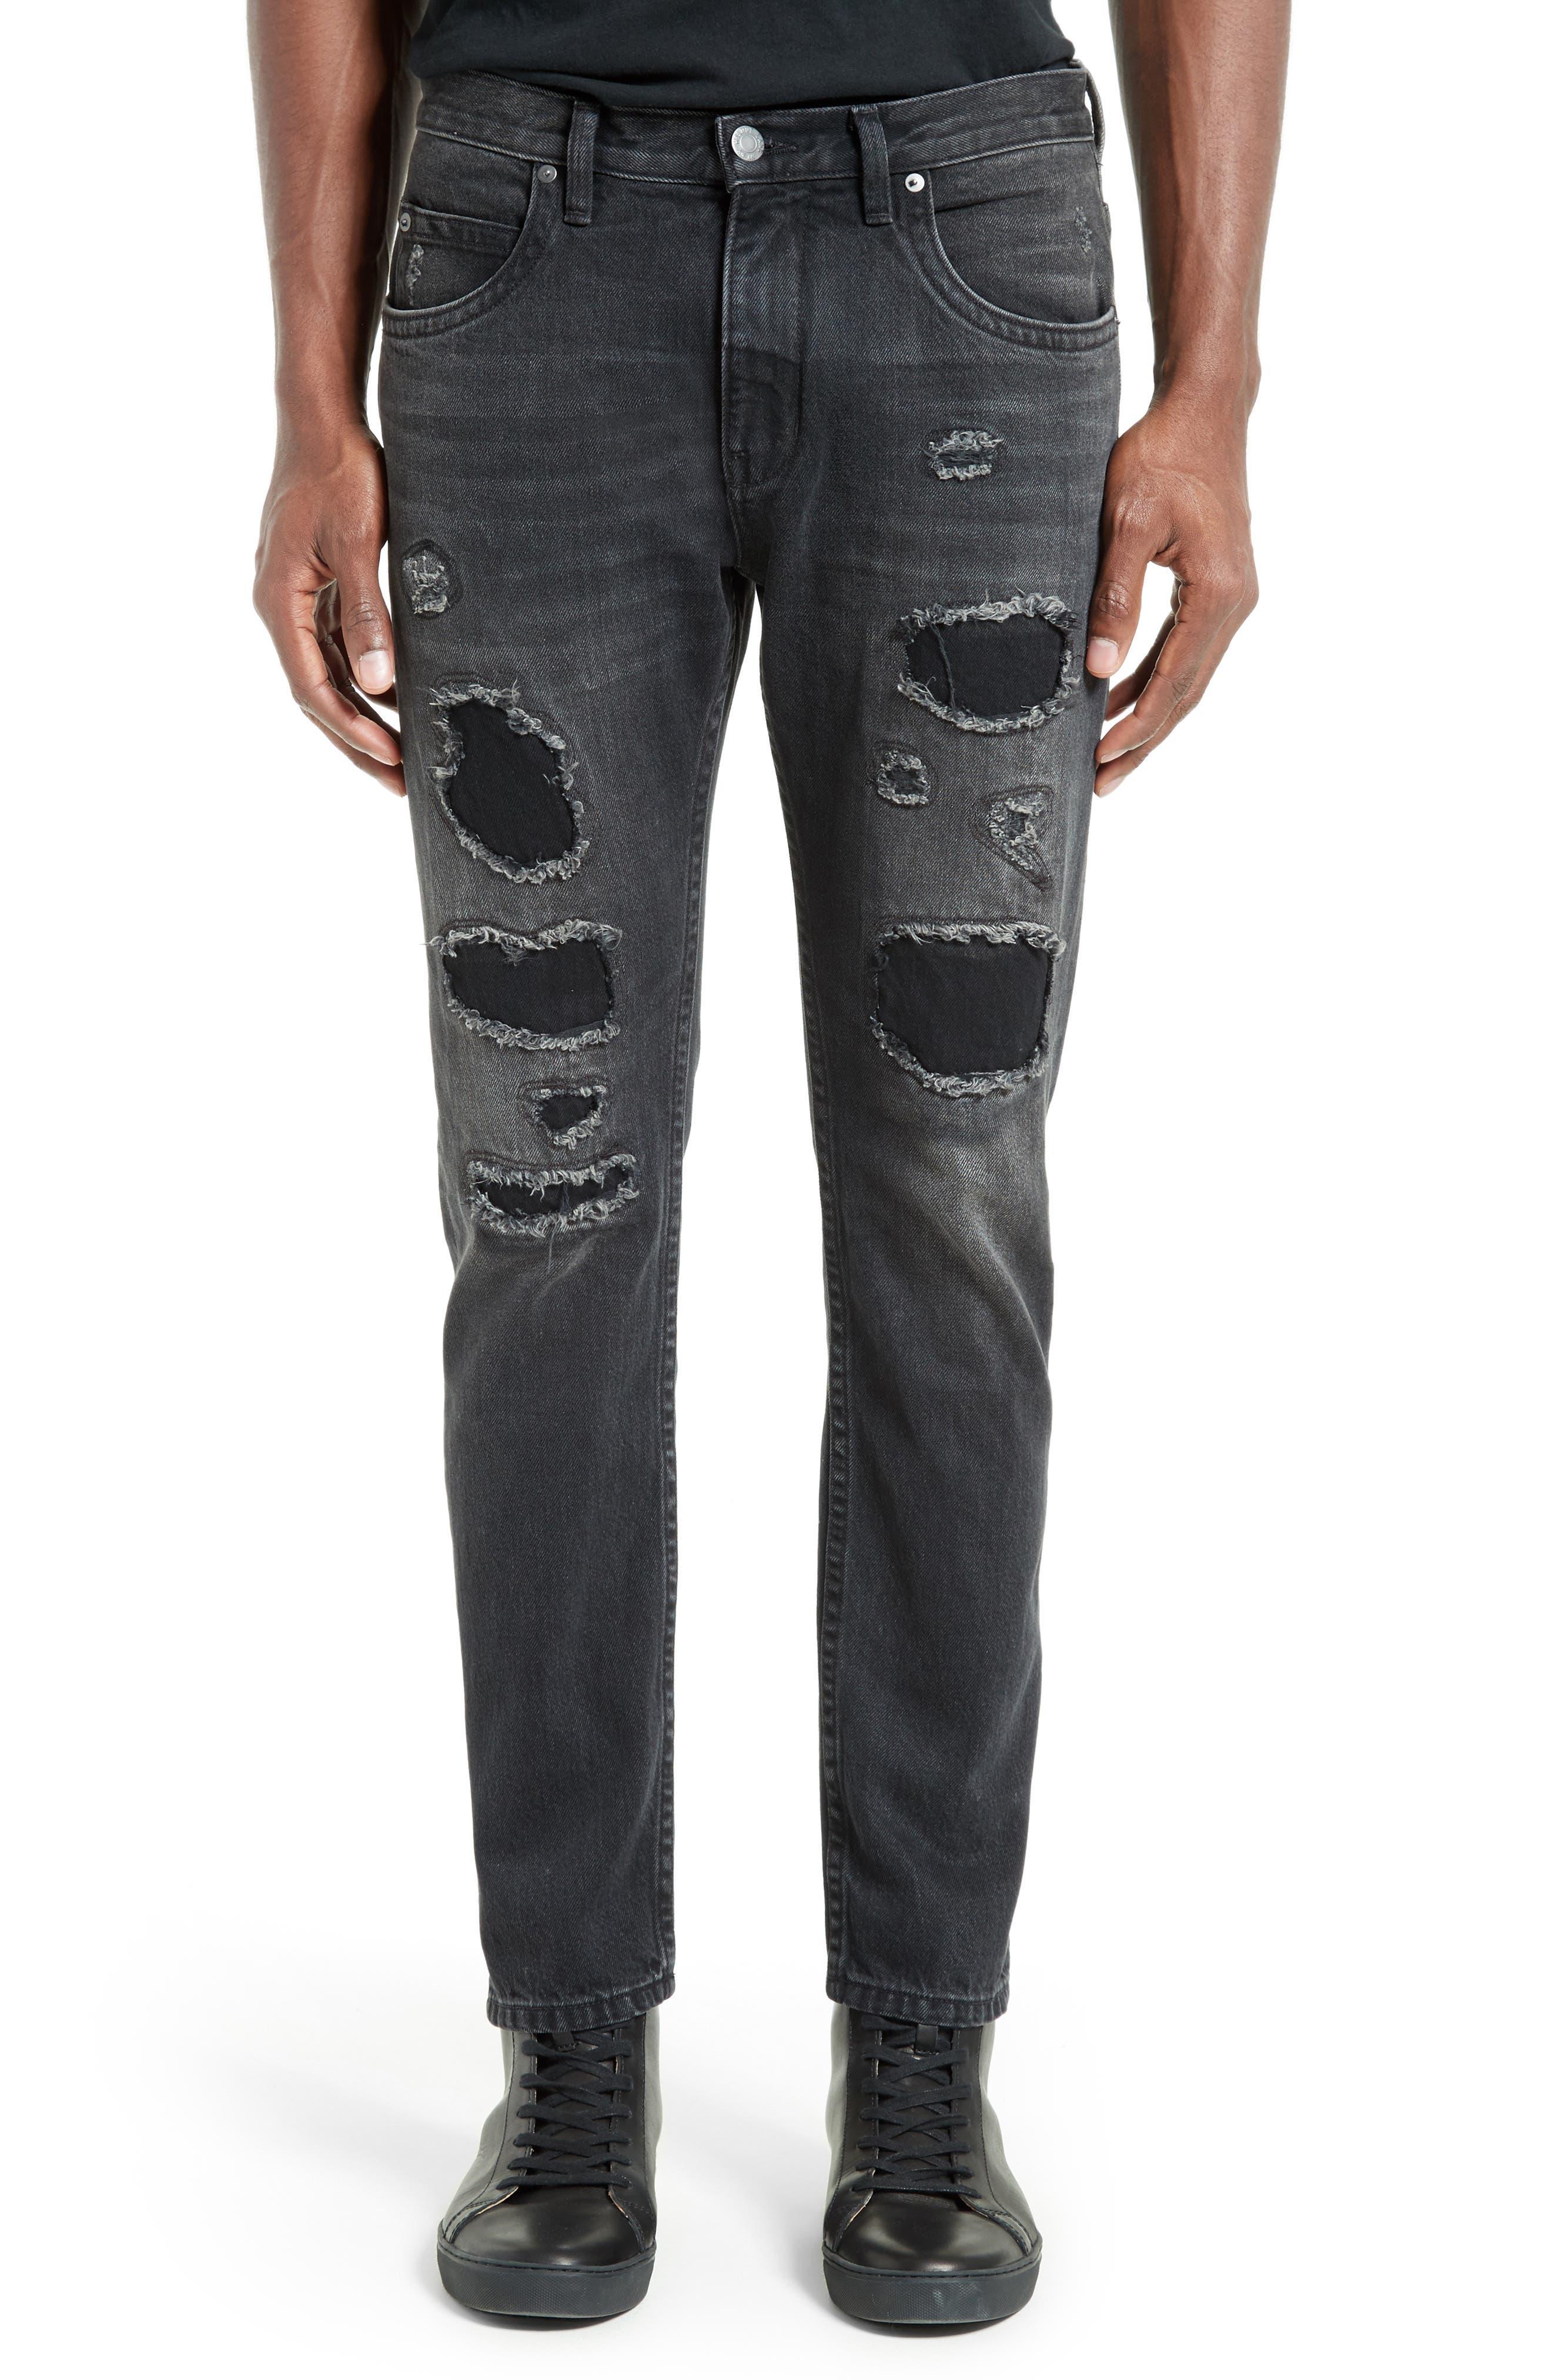 MR87 Destroyed Jeans,                         Main,                         color, Black